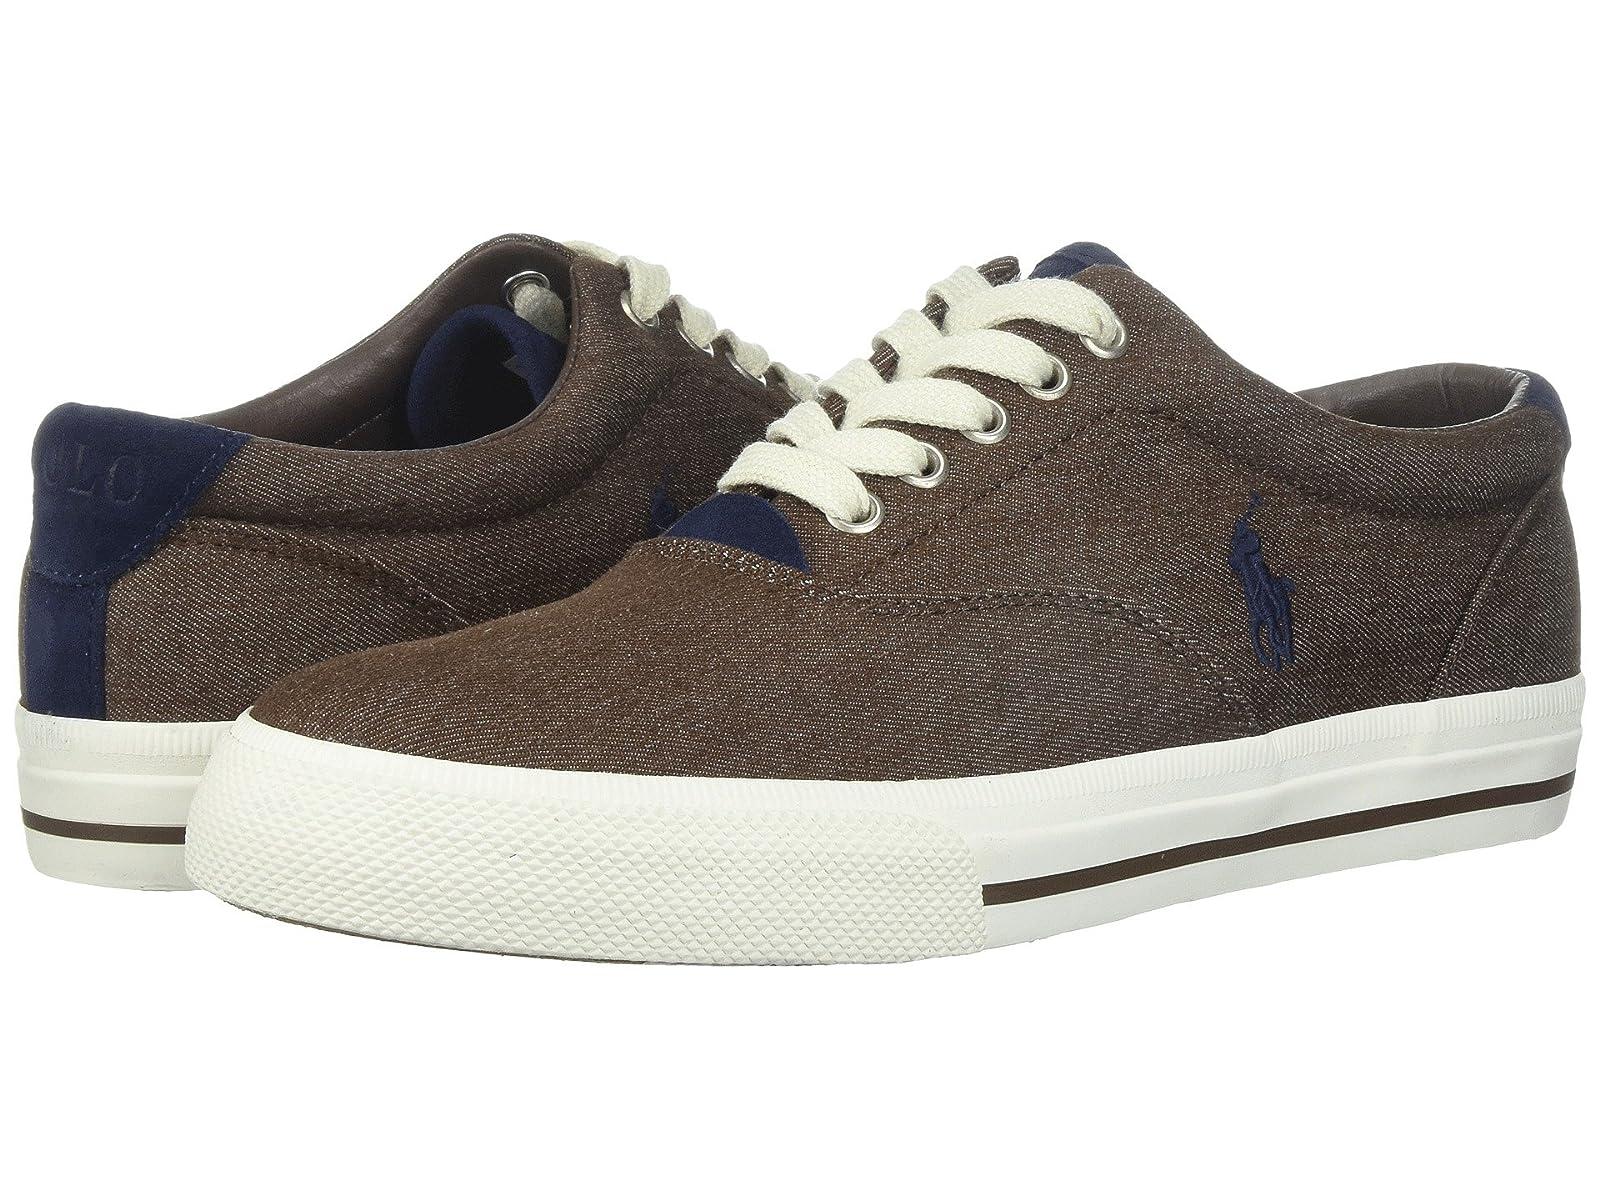 Polo Ralph Lauren VaughnAtmospheric grades have affordable shoes